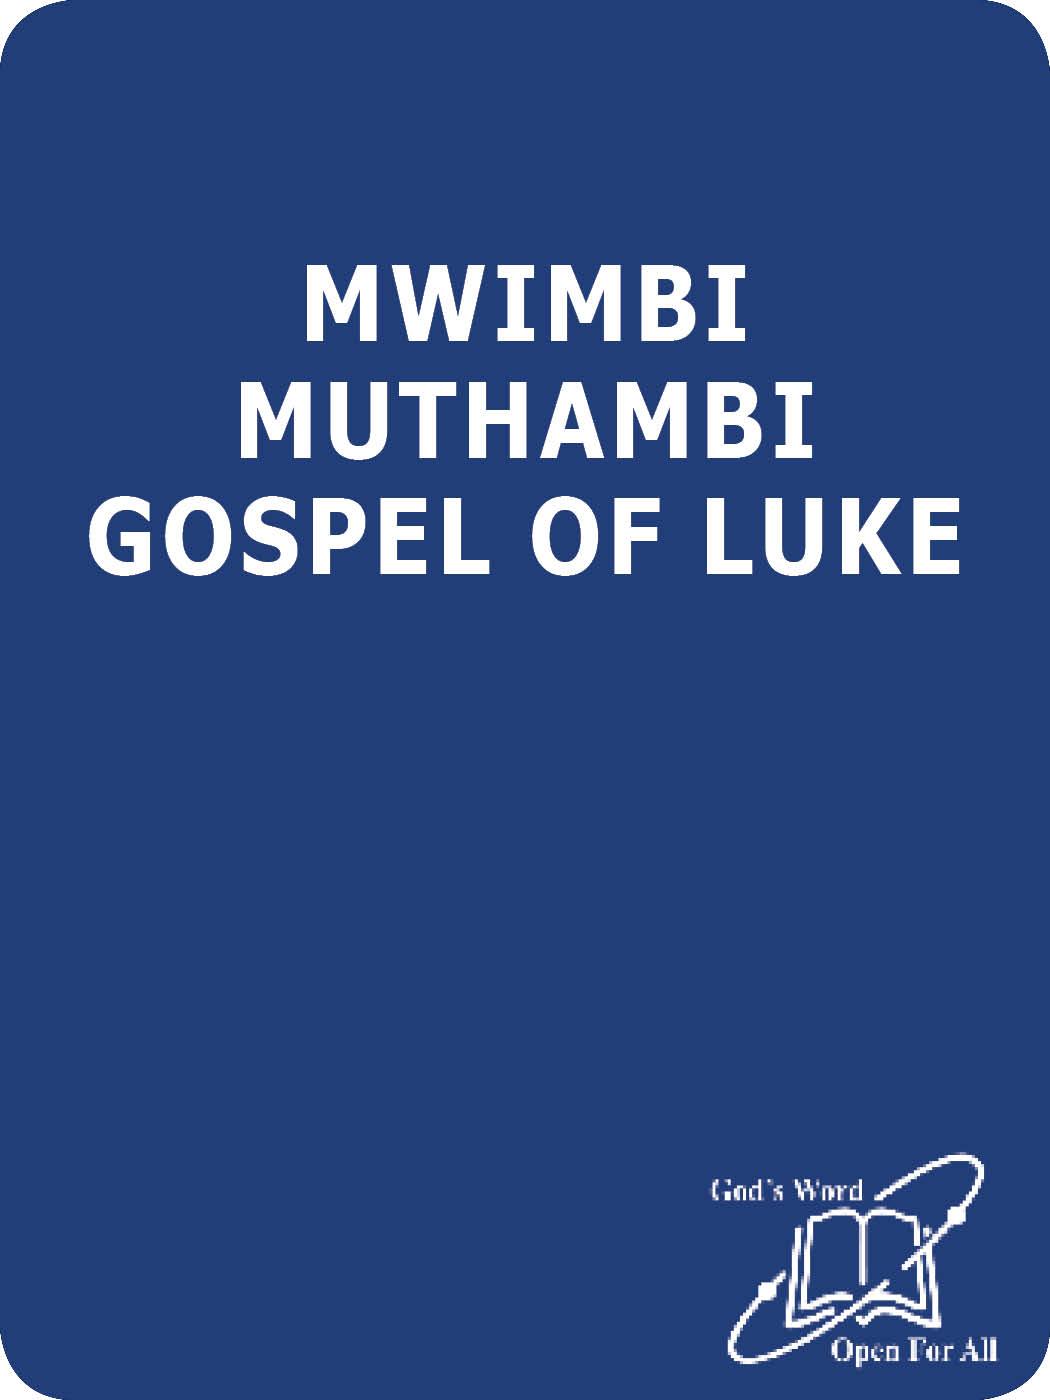 MWIMBI MUTHAMBI GOSPEL OF LUKE